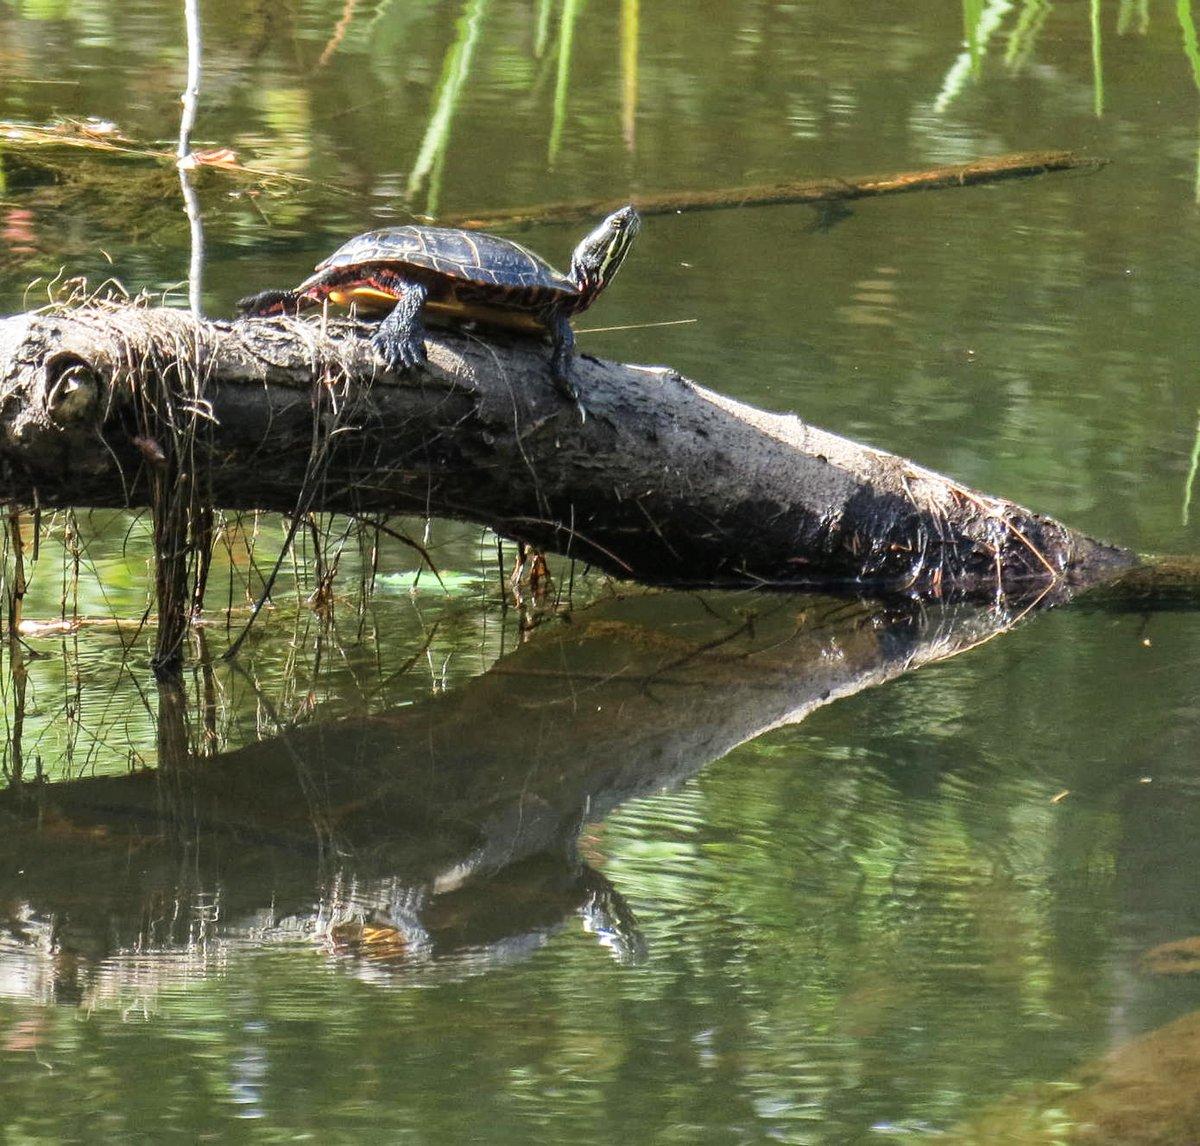 2. Painted Turtle